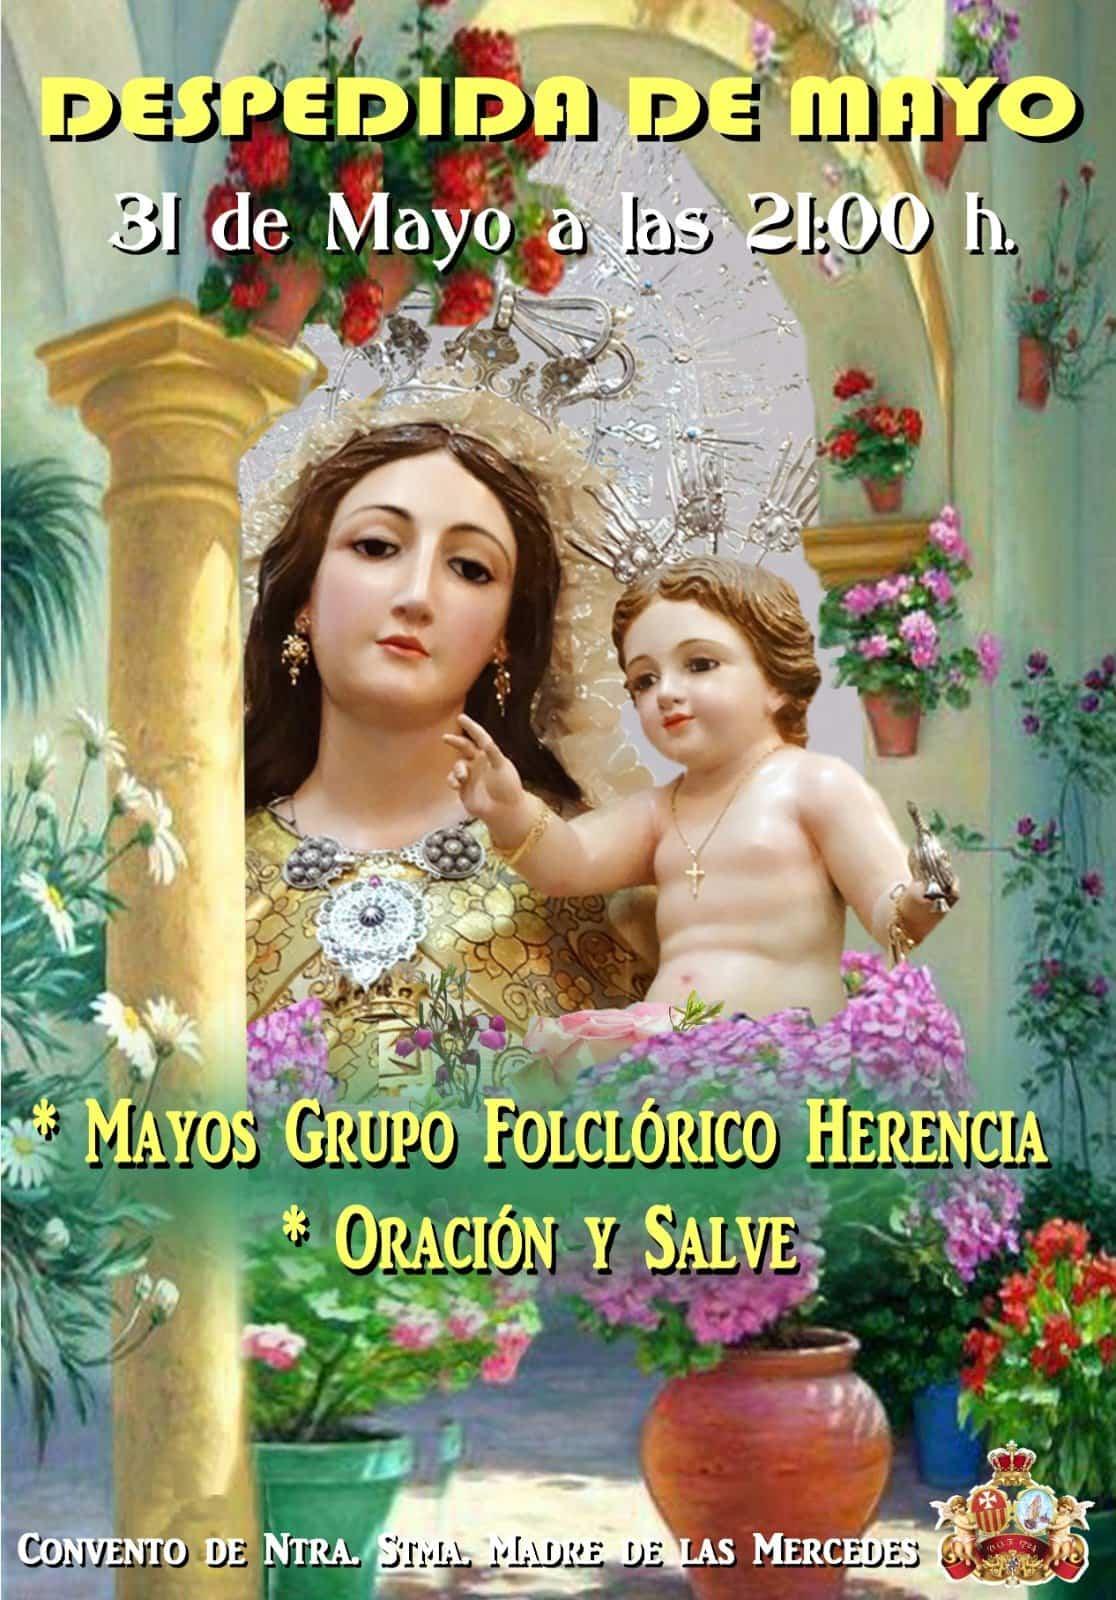 Despedida del mes de mayo en el convento de La MErced - El convento de la Merced despedirá el mes de mayo con el canto de los mayos